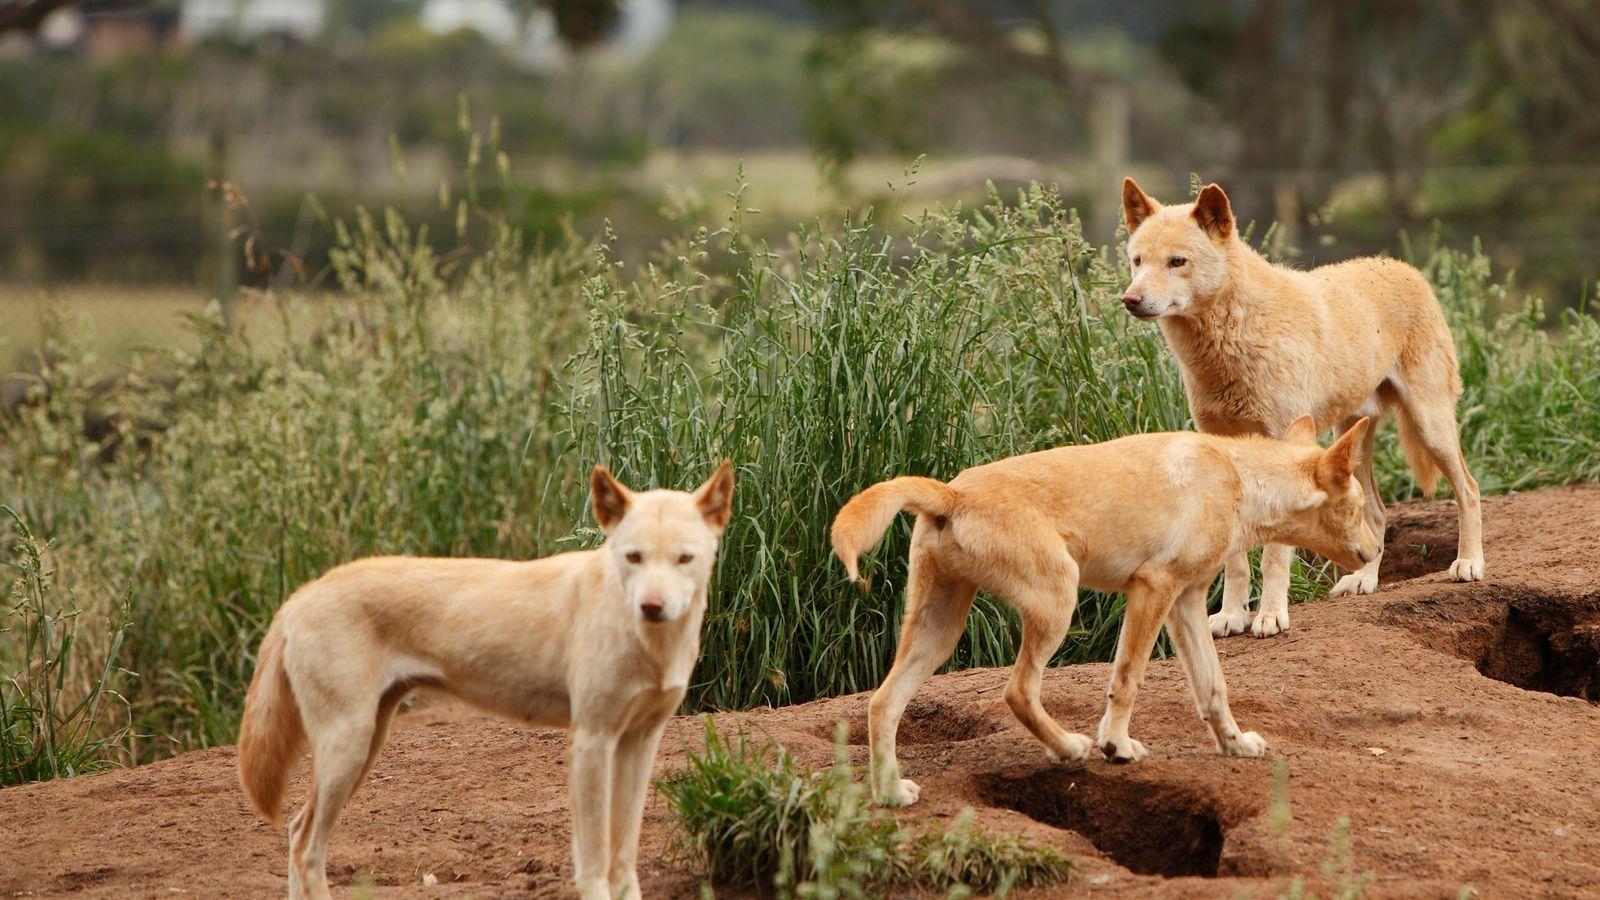 Dingo受害者Deb Rundle担心她在野狗袭击中的生活